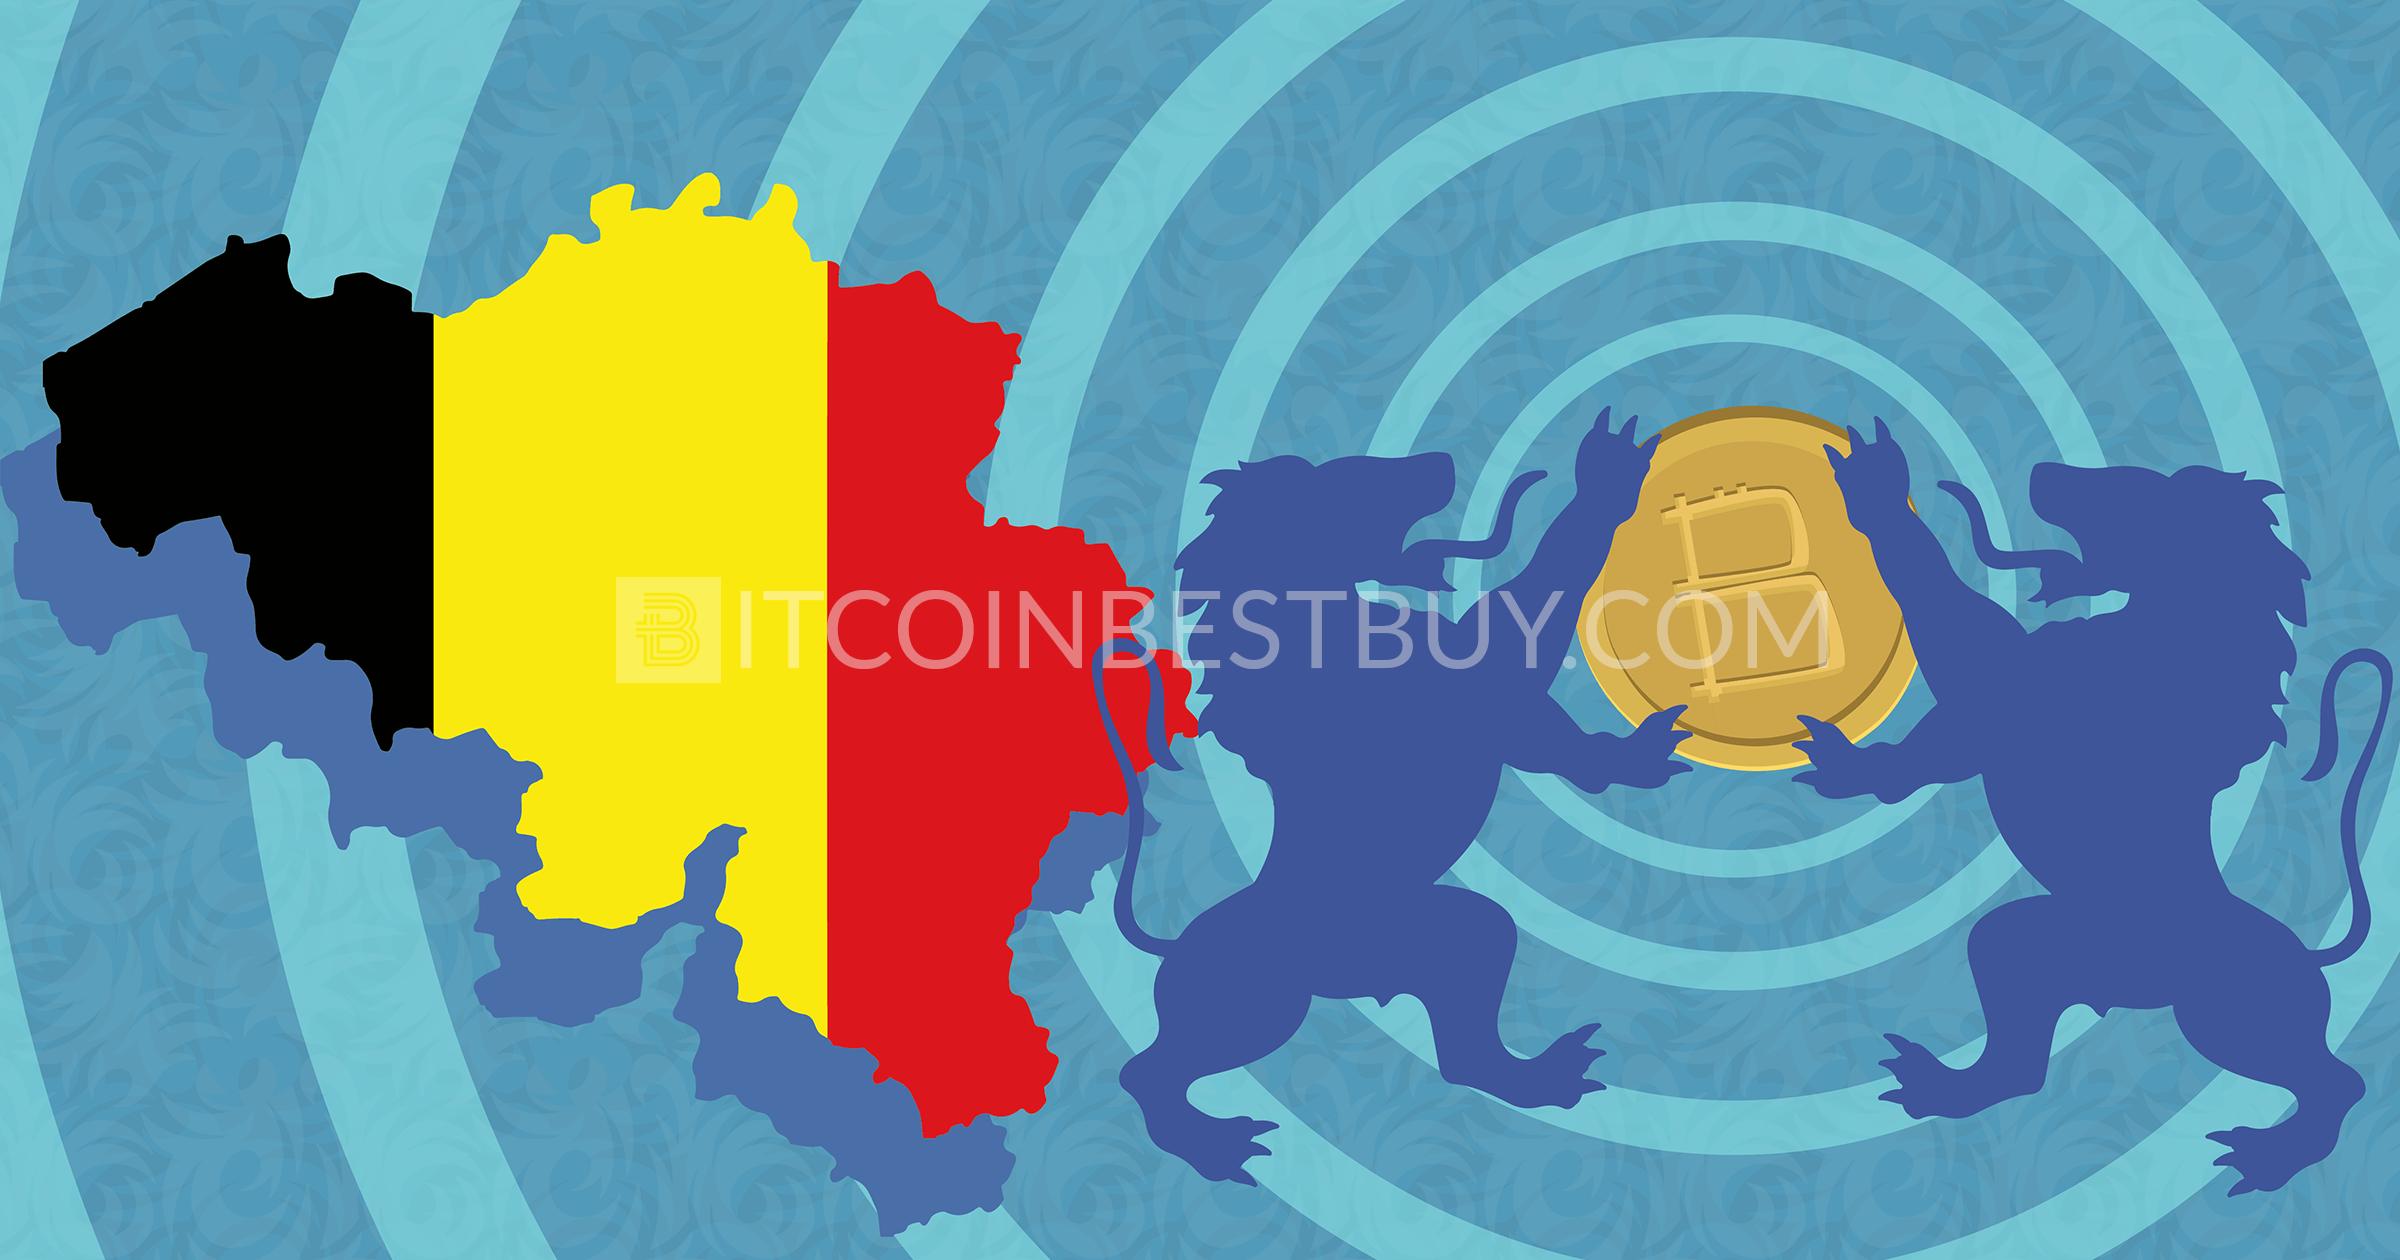 strategia miliardarului bitcoin unde se îndreaptă bitcoin